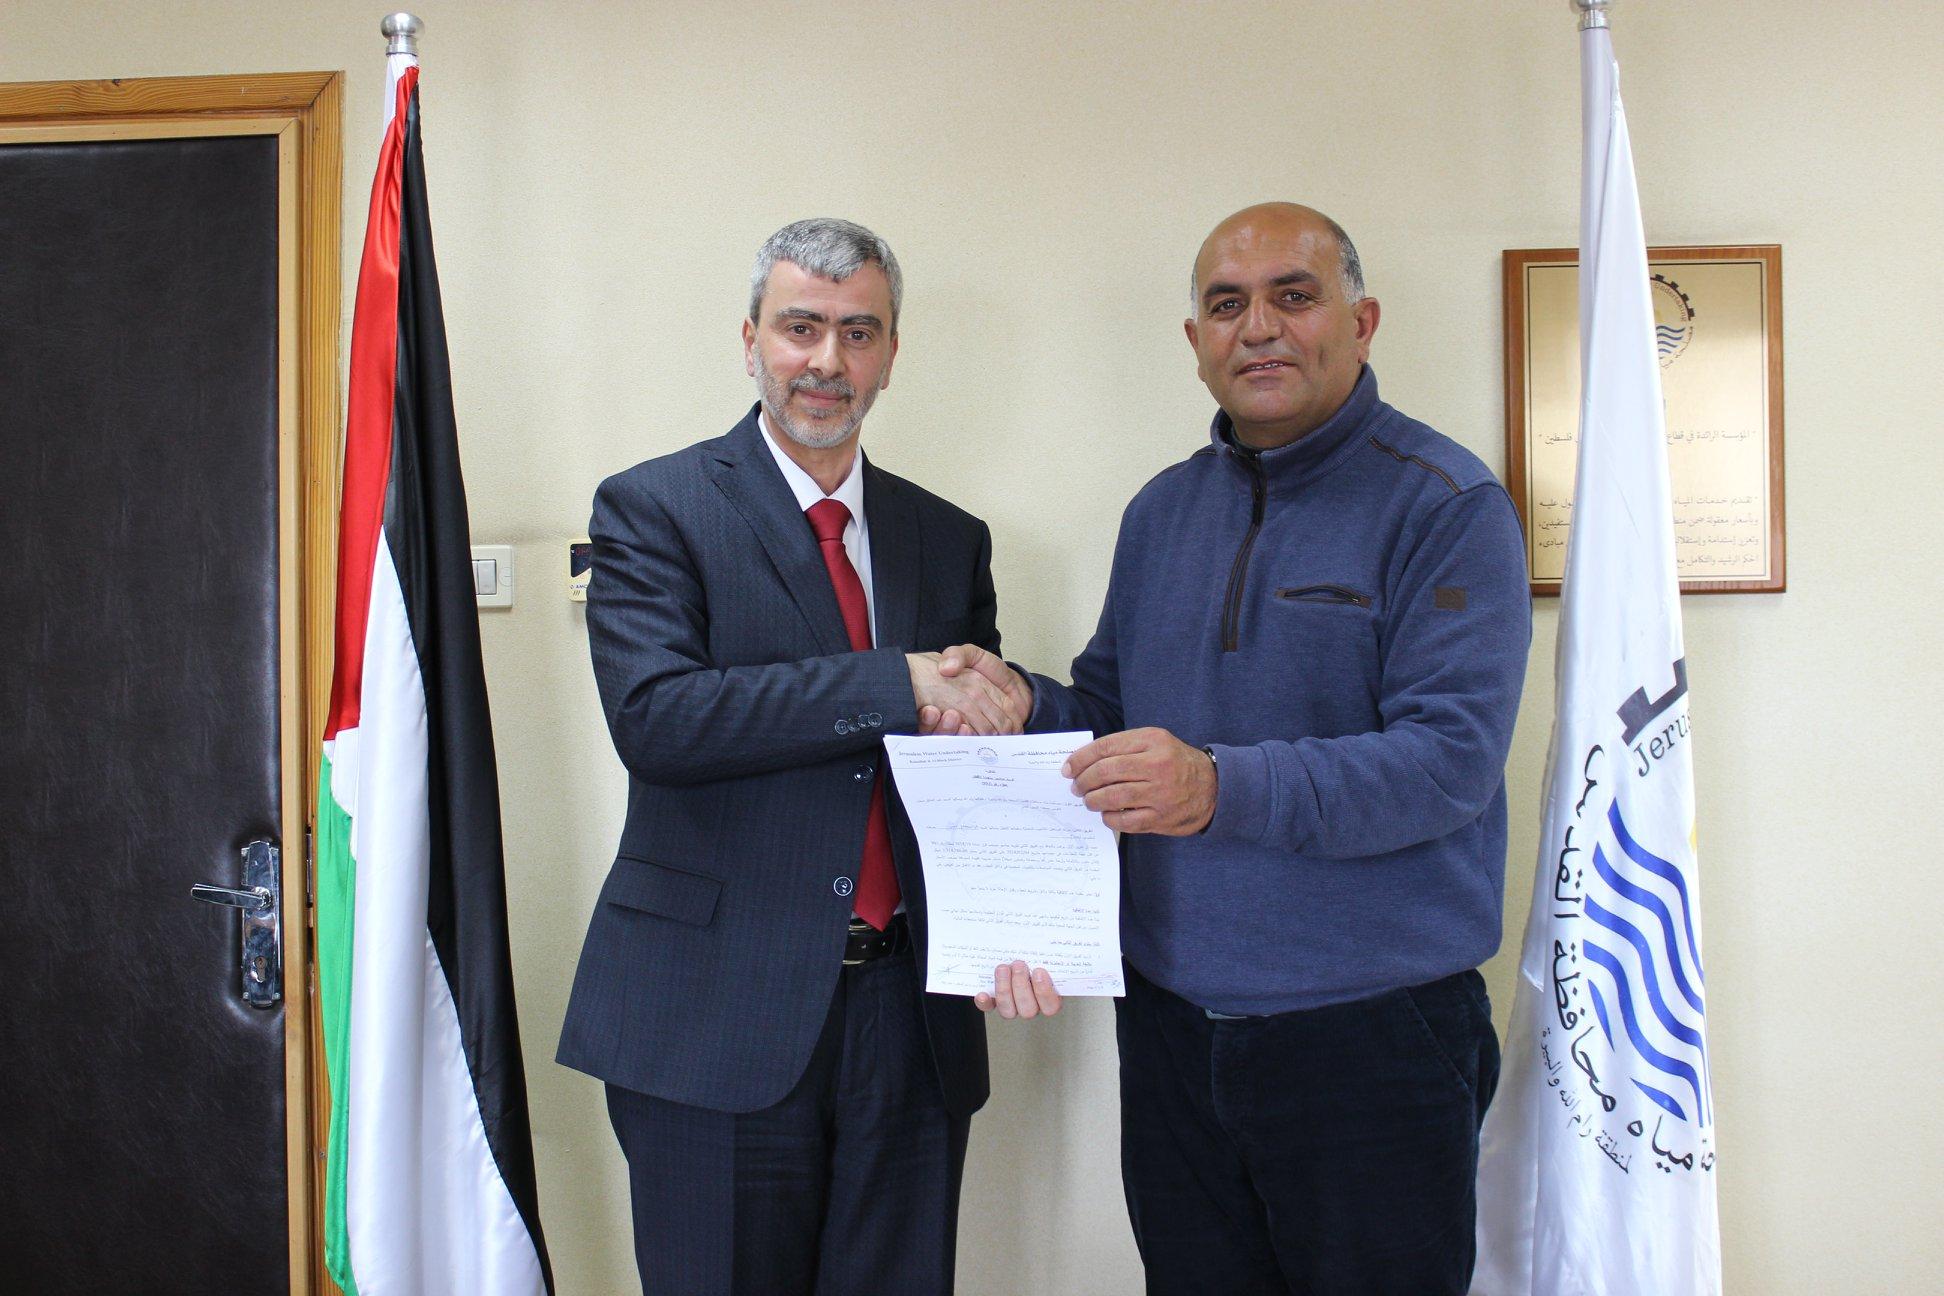 مصلحة مياه محافظة القدس توقع اتفاقية توريد انابيب متعددة الأقطار